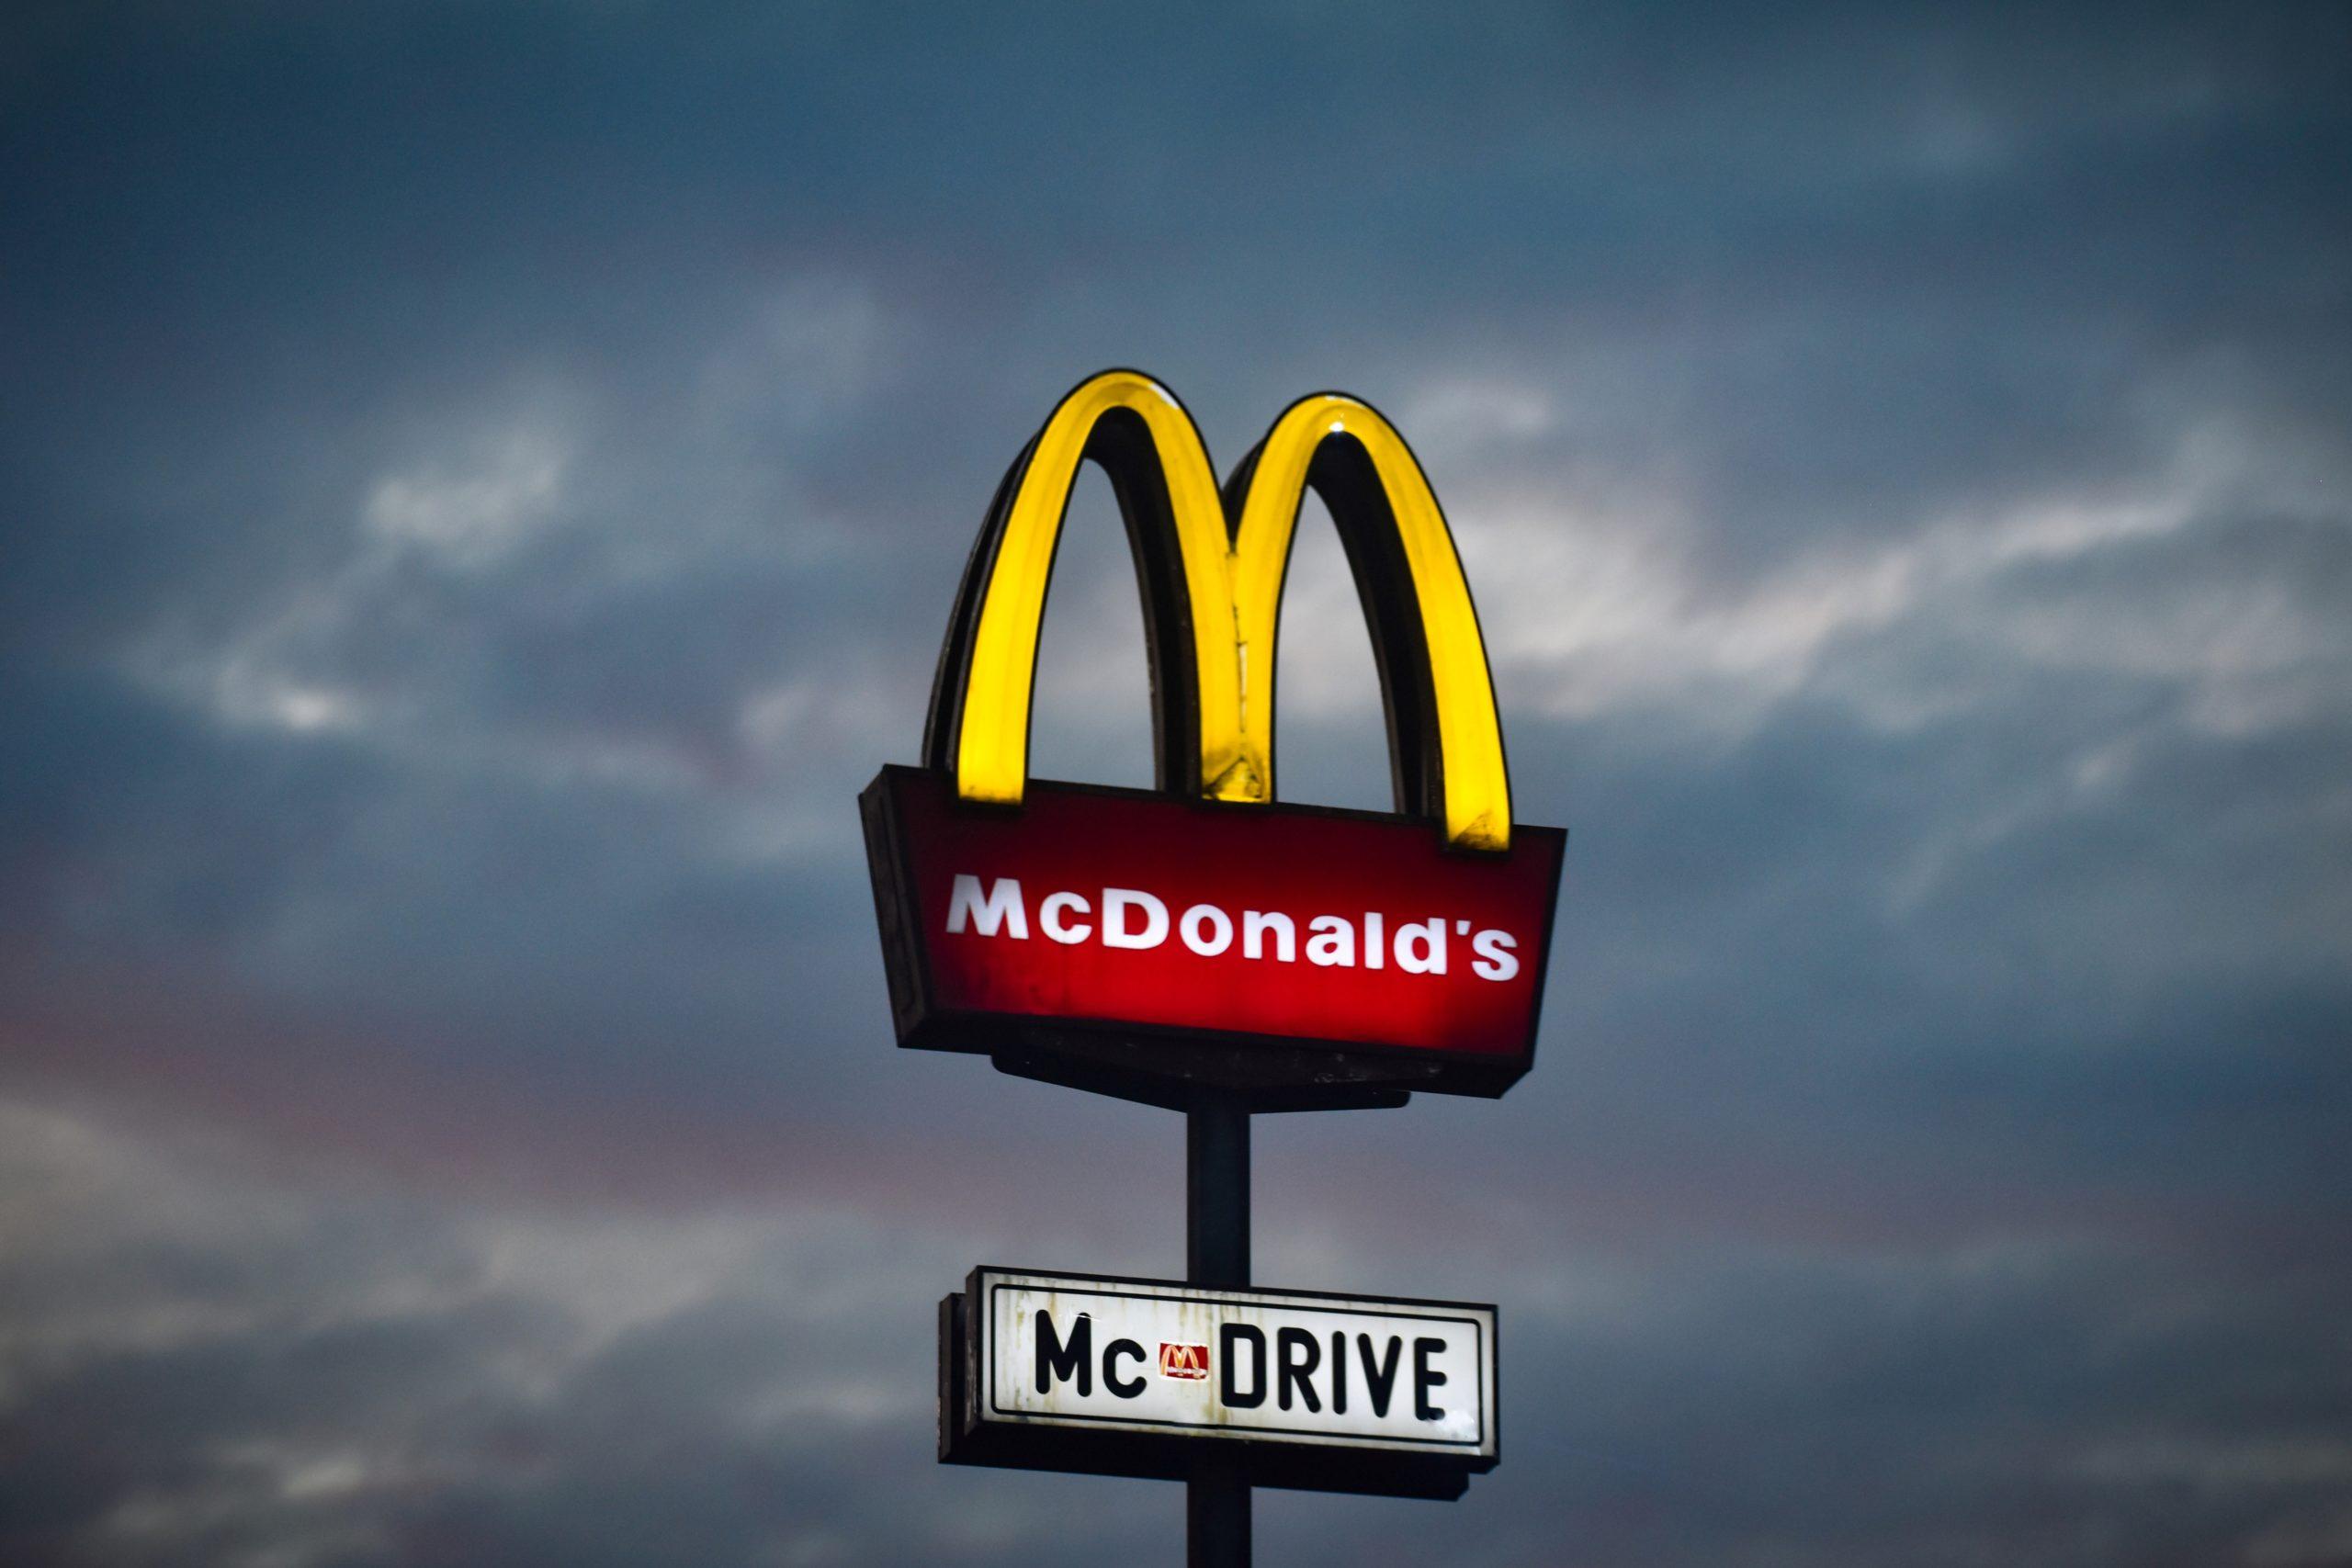 McDonald's accusé de publicités trompeuses, l'UFC-Que Choisir porte plainte